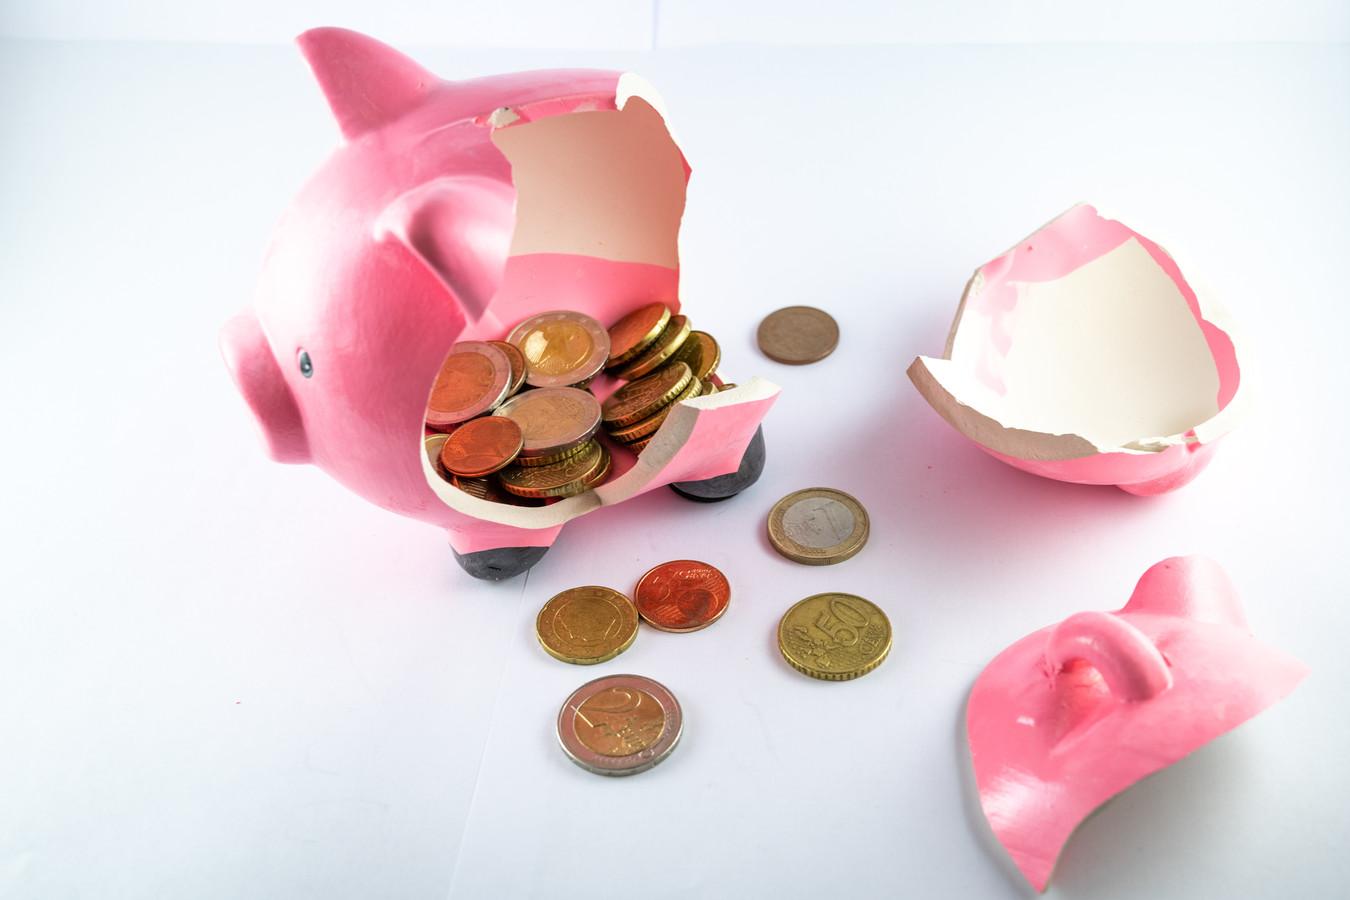 Cultuurverenigingen en andere clubs in de gemeente Woensdrecht die door corona inkomsten mislopen, kunnen compensatie aanvragen. Dat moet helpen om na de crisis weer activiteiten op touw te zetten.